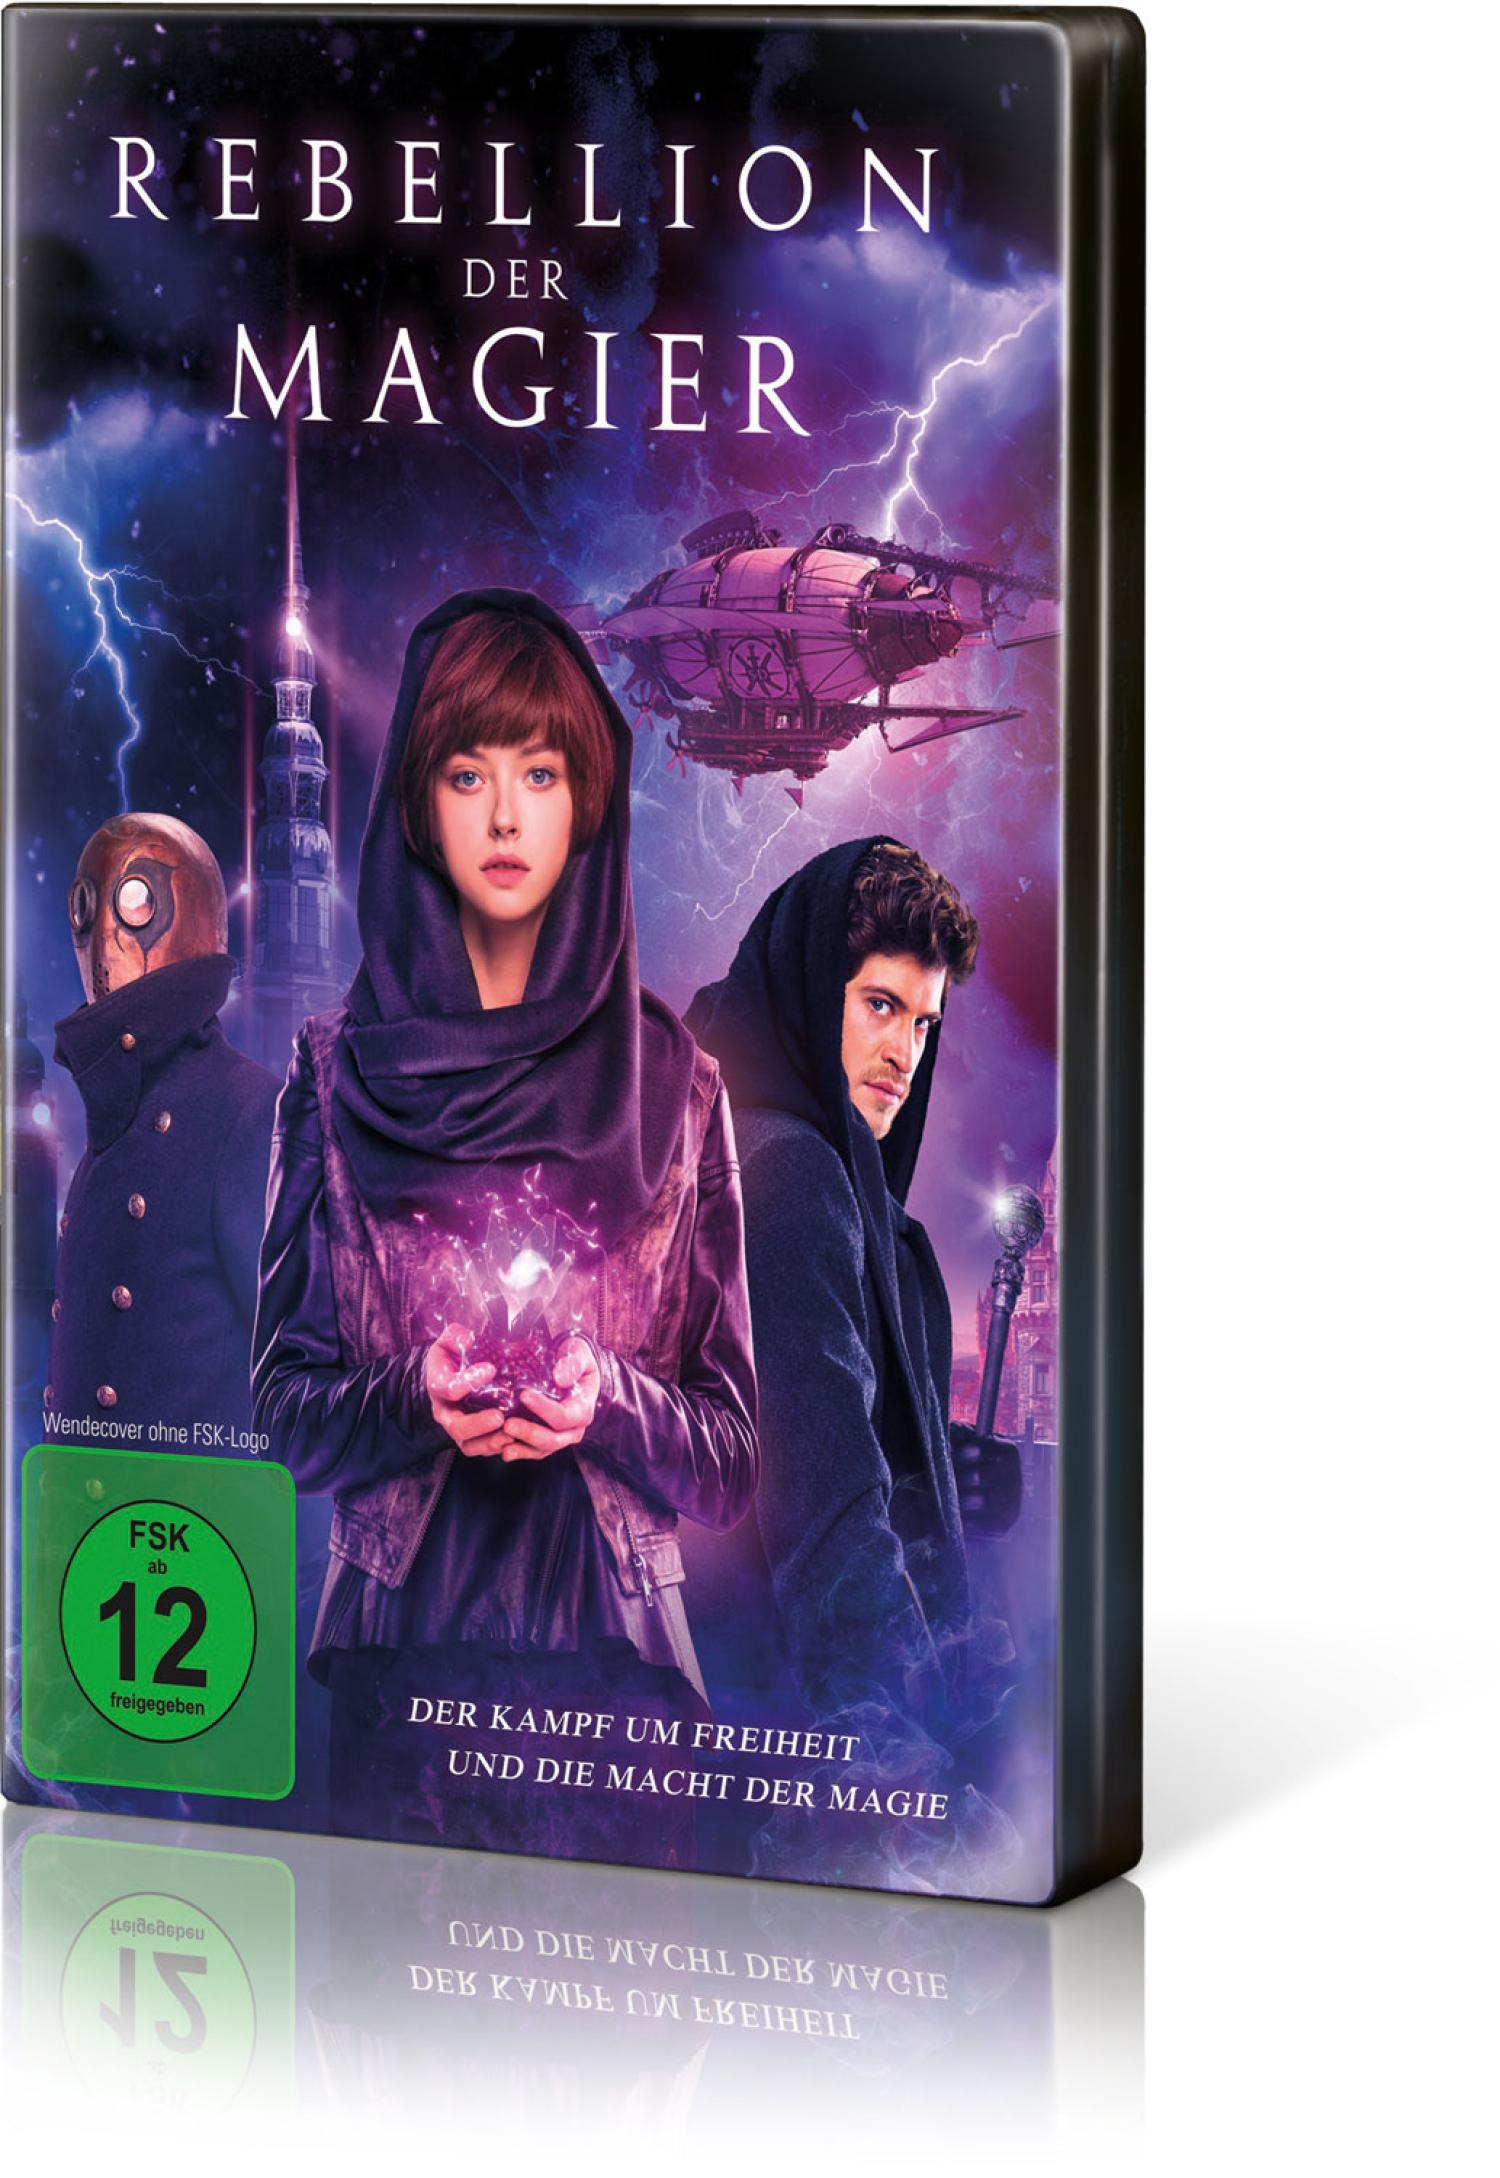 Rebellion der Magier (DVD), Produktbild 1